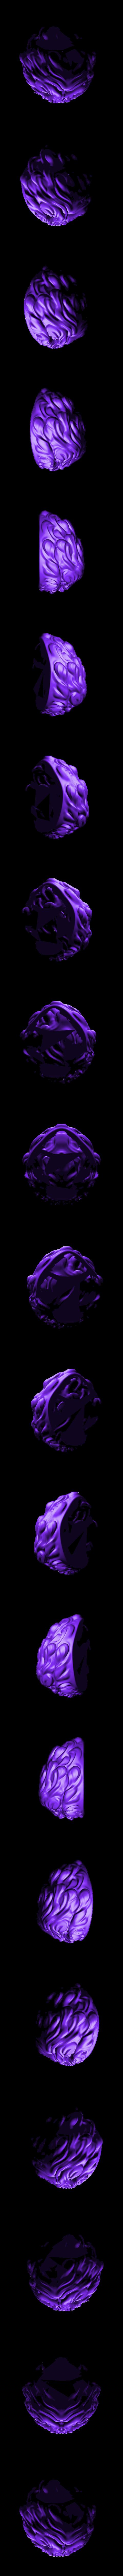 medblob.stl Download free STL file Evil Blob Trio • 3D printer model, HeribertoValle